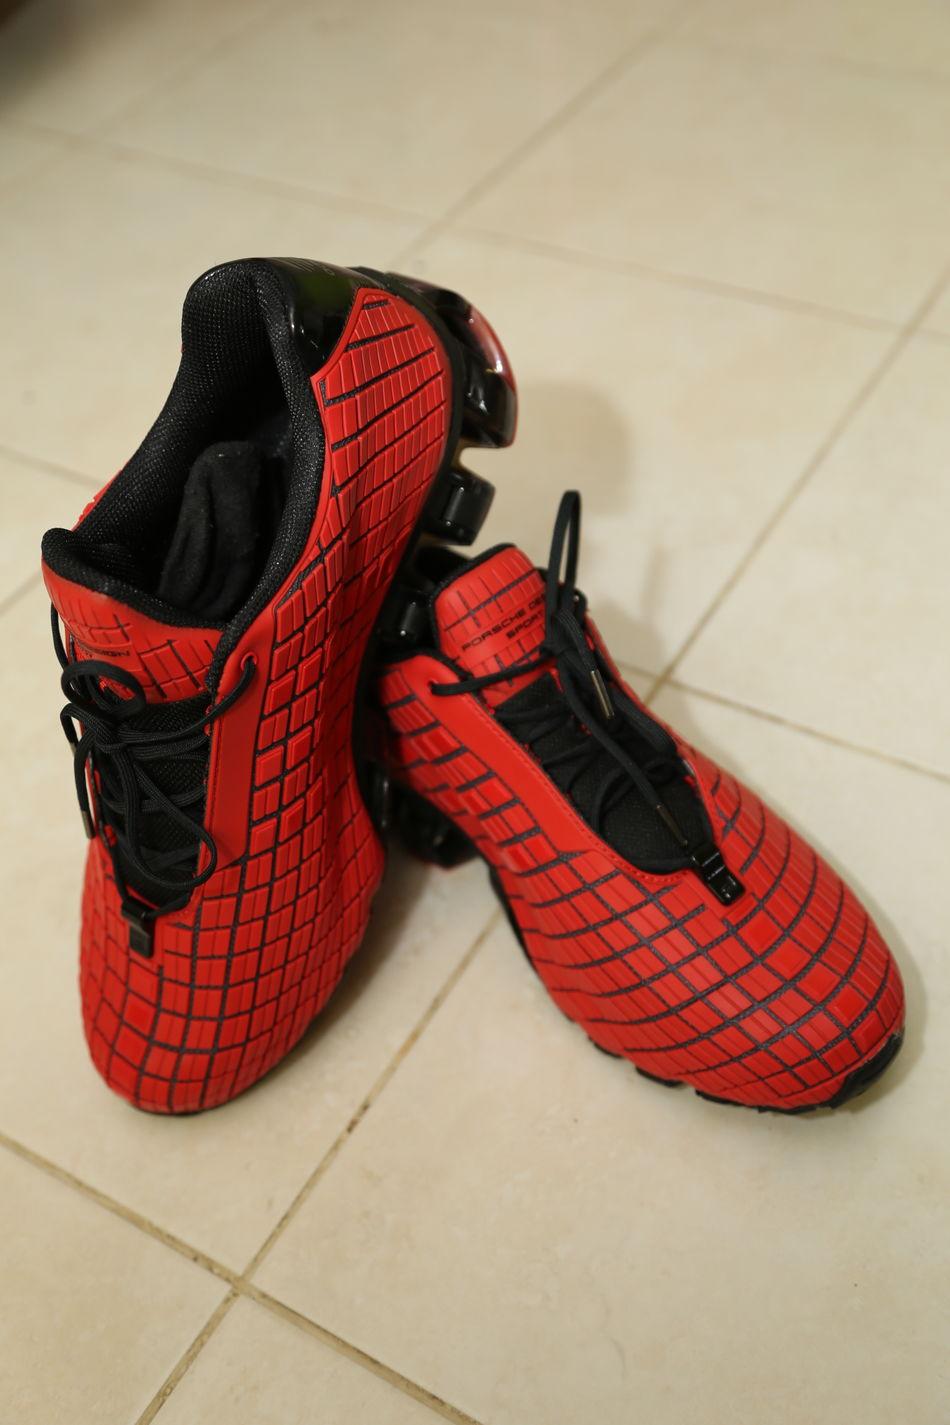 Limited edition adidas porsche design shoes P5000